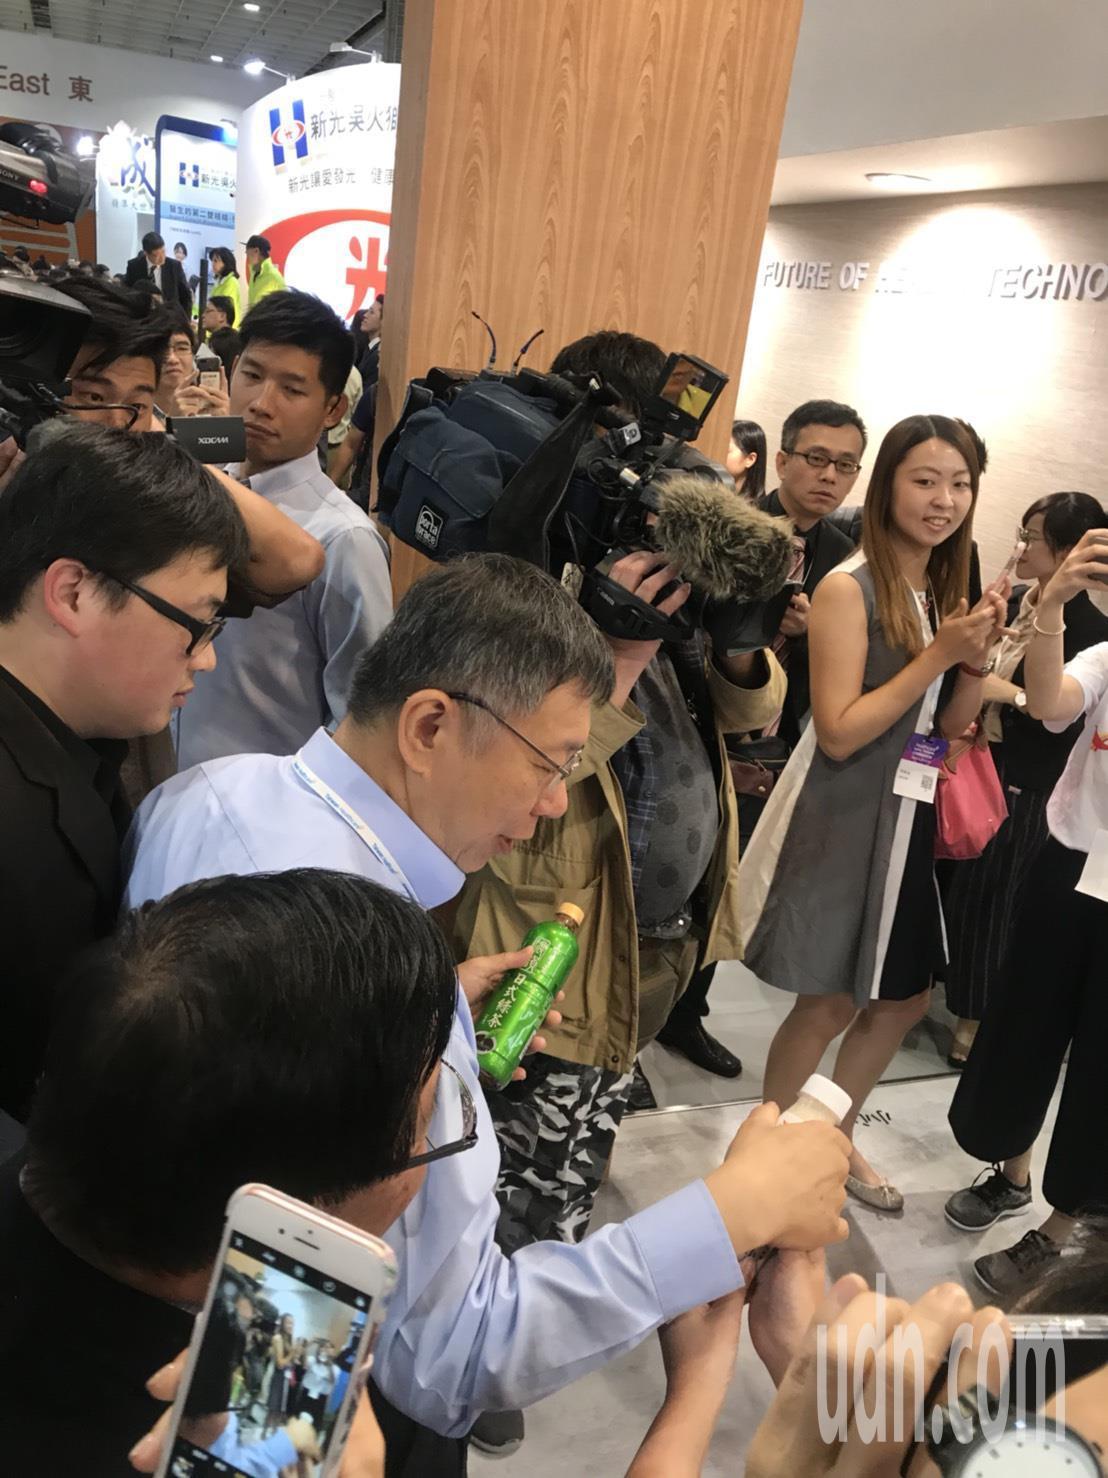 有別於蔡總統身邊都有幕僚圍著,柯文哲所到之處人氣滿滿,不少民眾跟廠商搶著和柯合照...